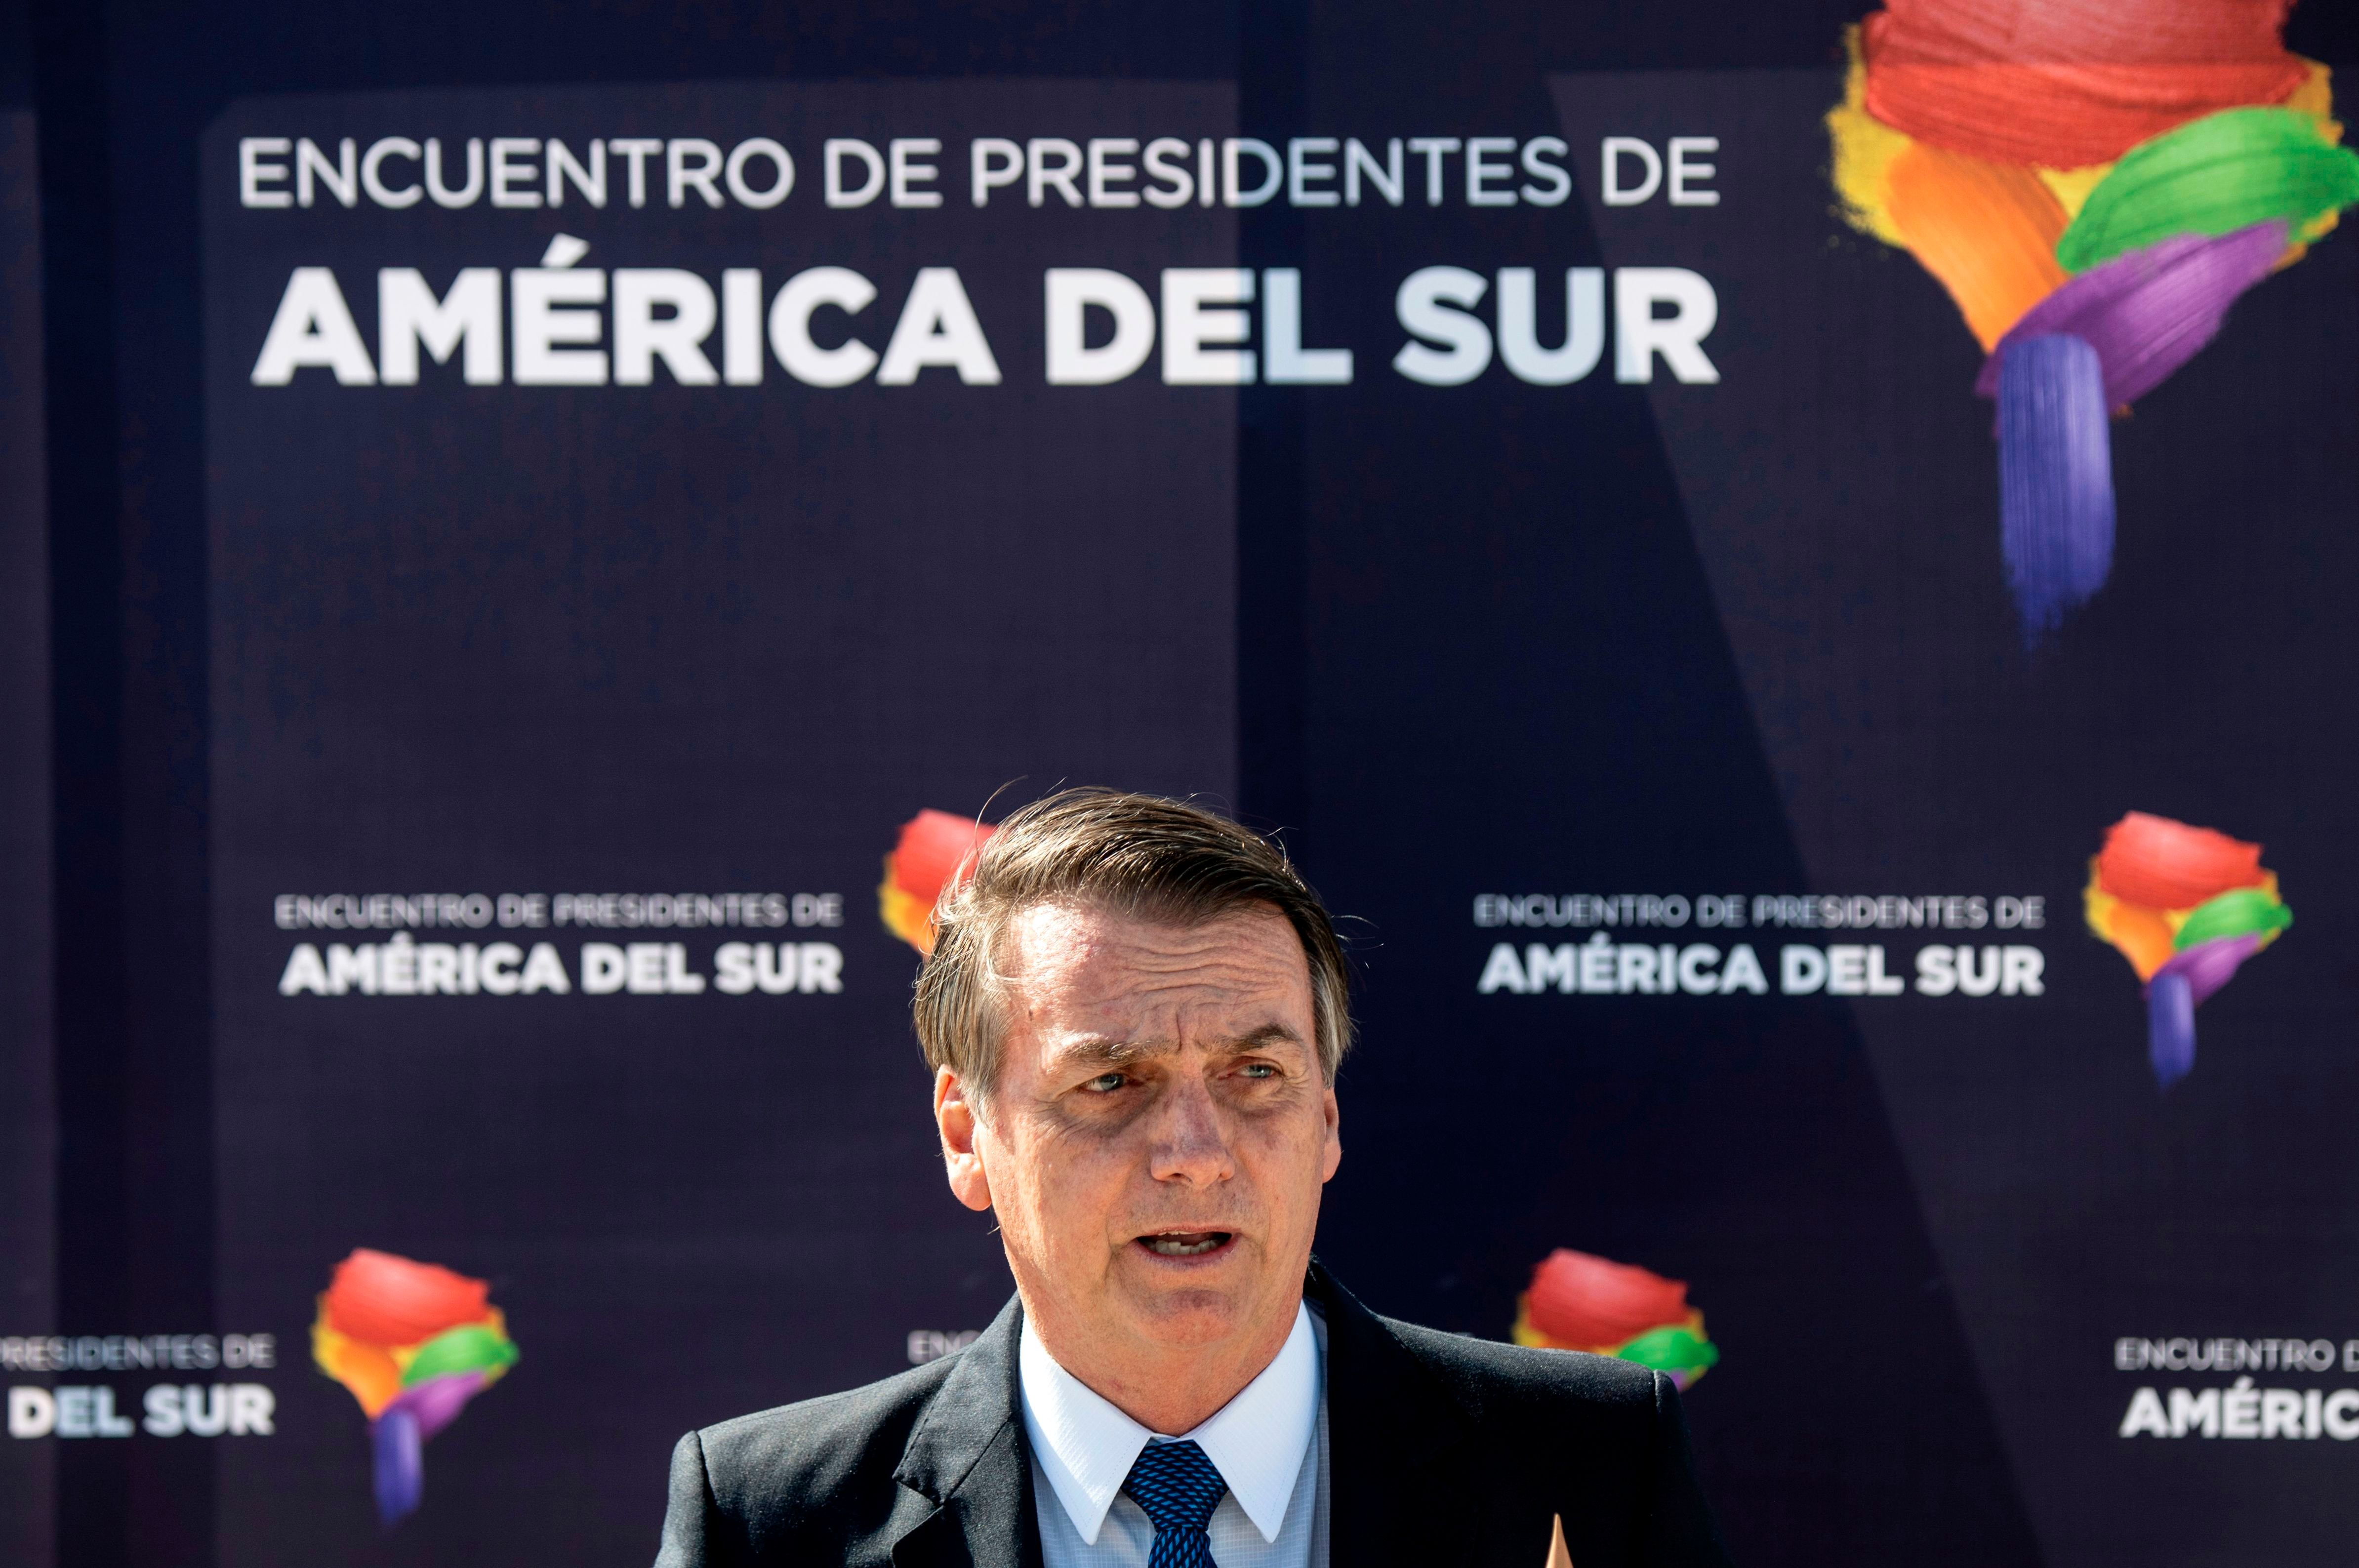 'Justiça nasceu para todos', diz Bolsonaro sobre prisão de Michel